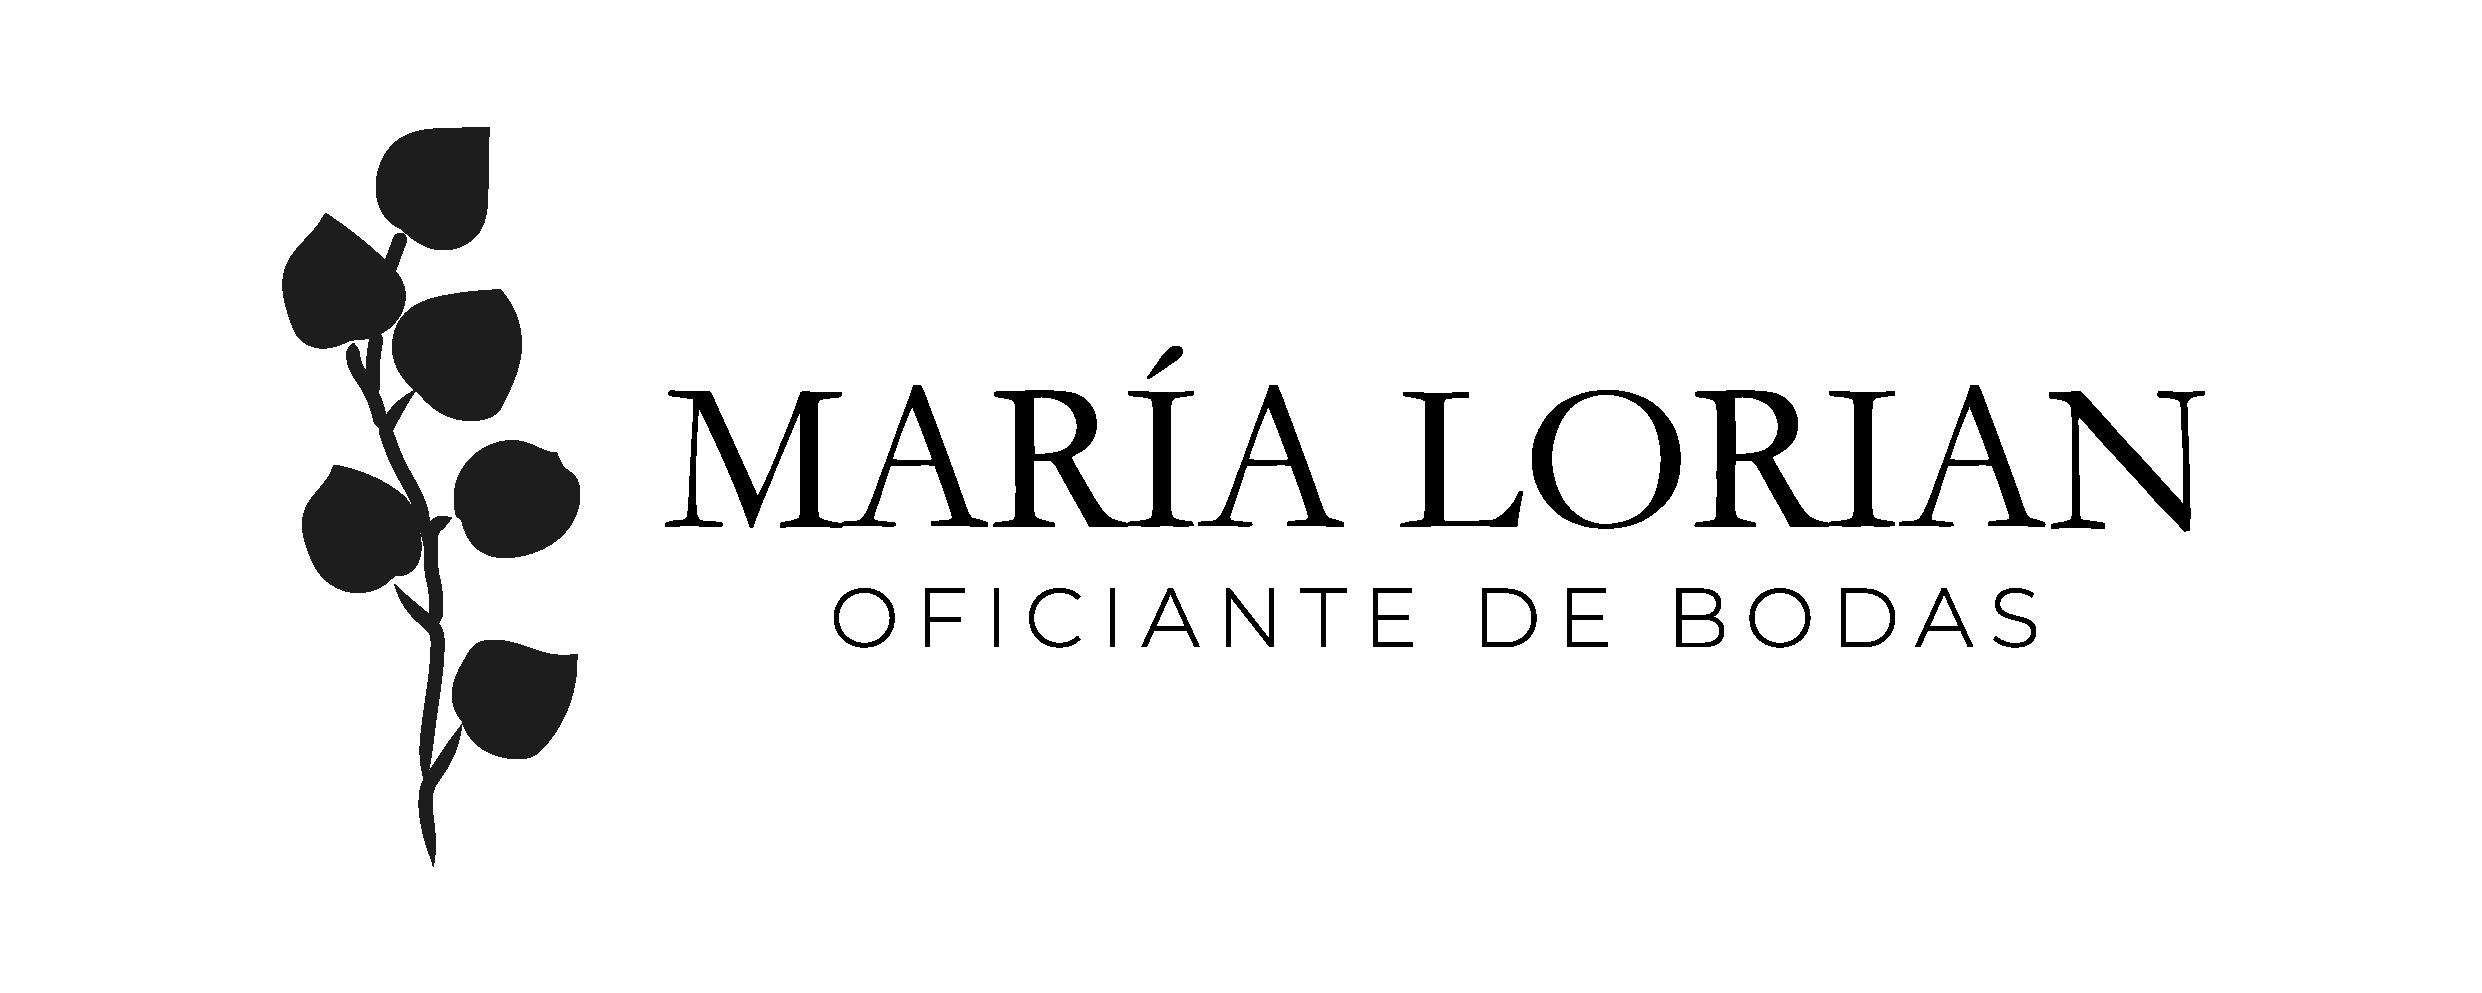 María Lorian | Oficiante de bodas